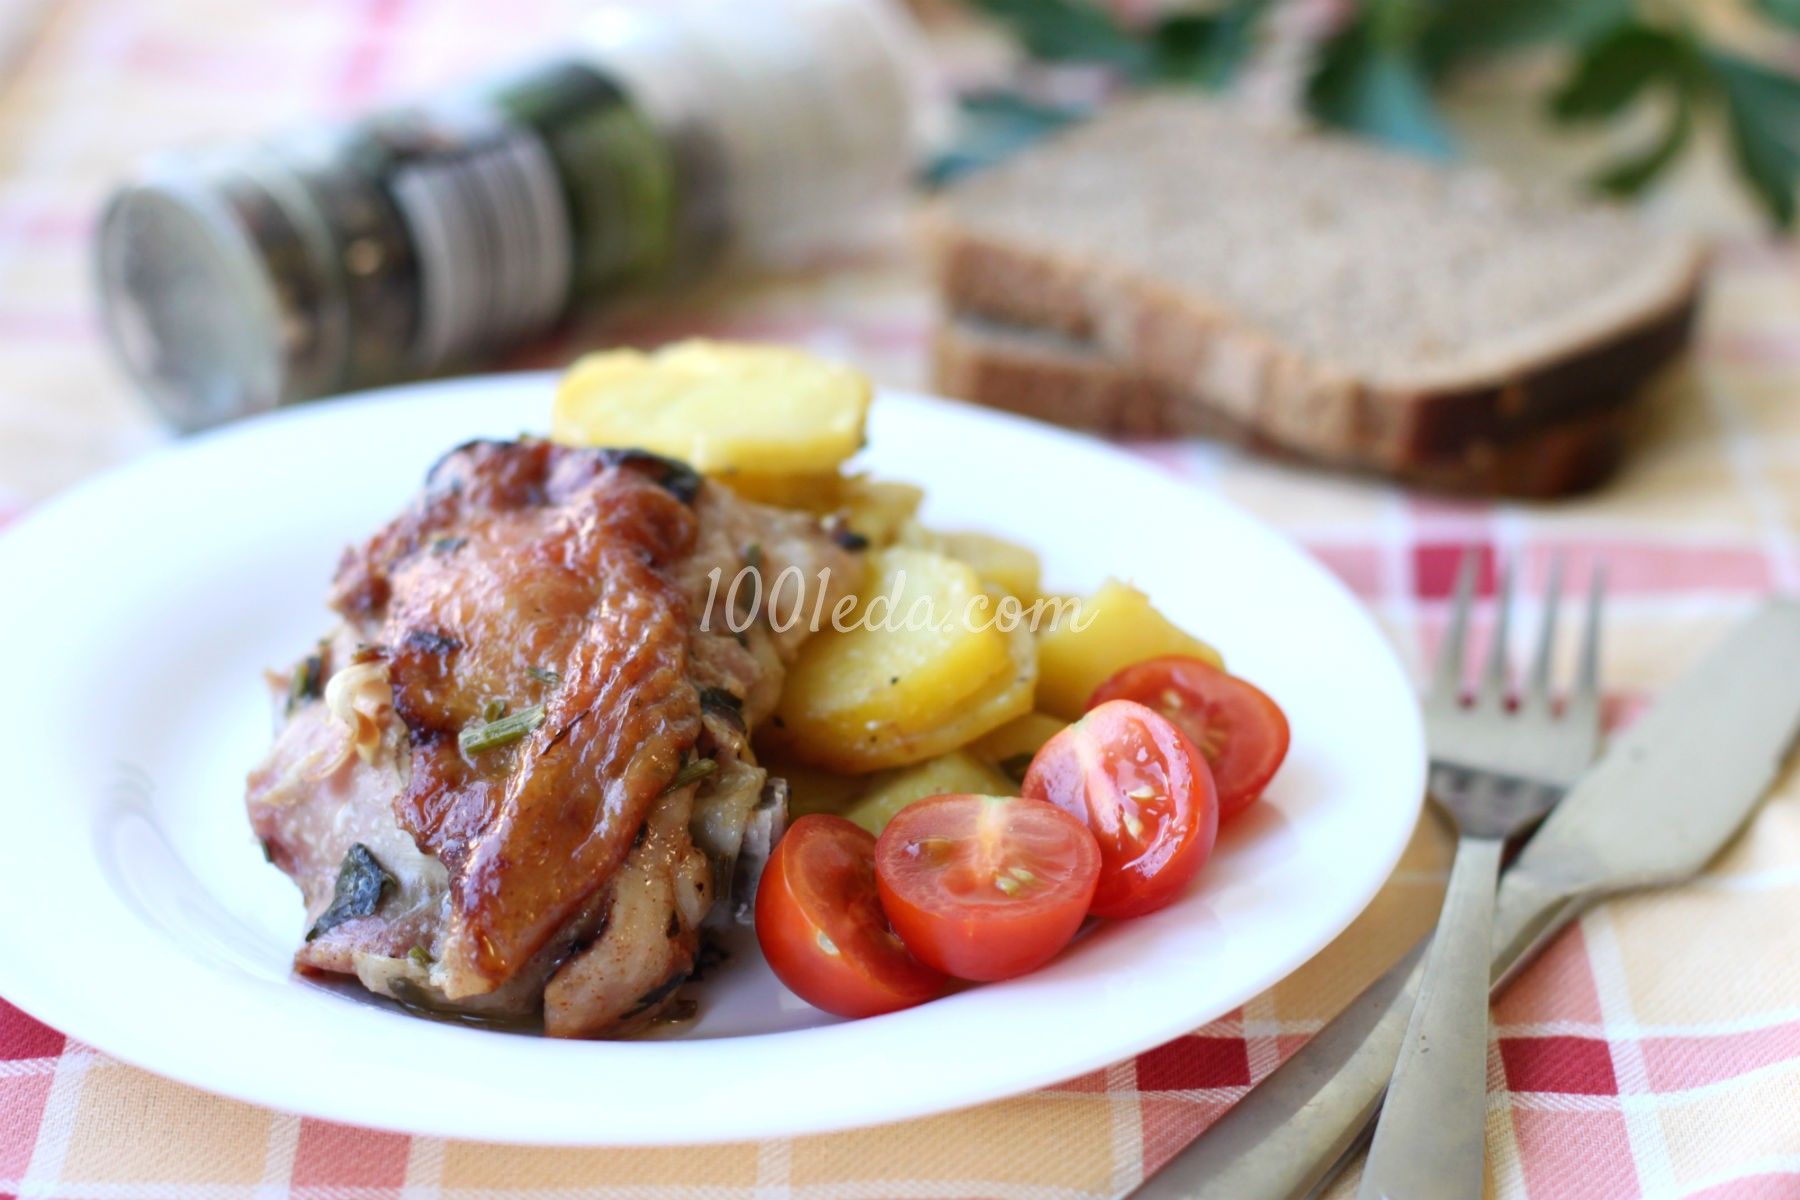 Картофель с куриными бедрами, запеченные в мультиварке: рецепт с пошаговым фото